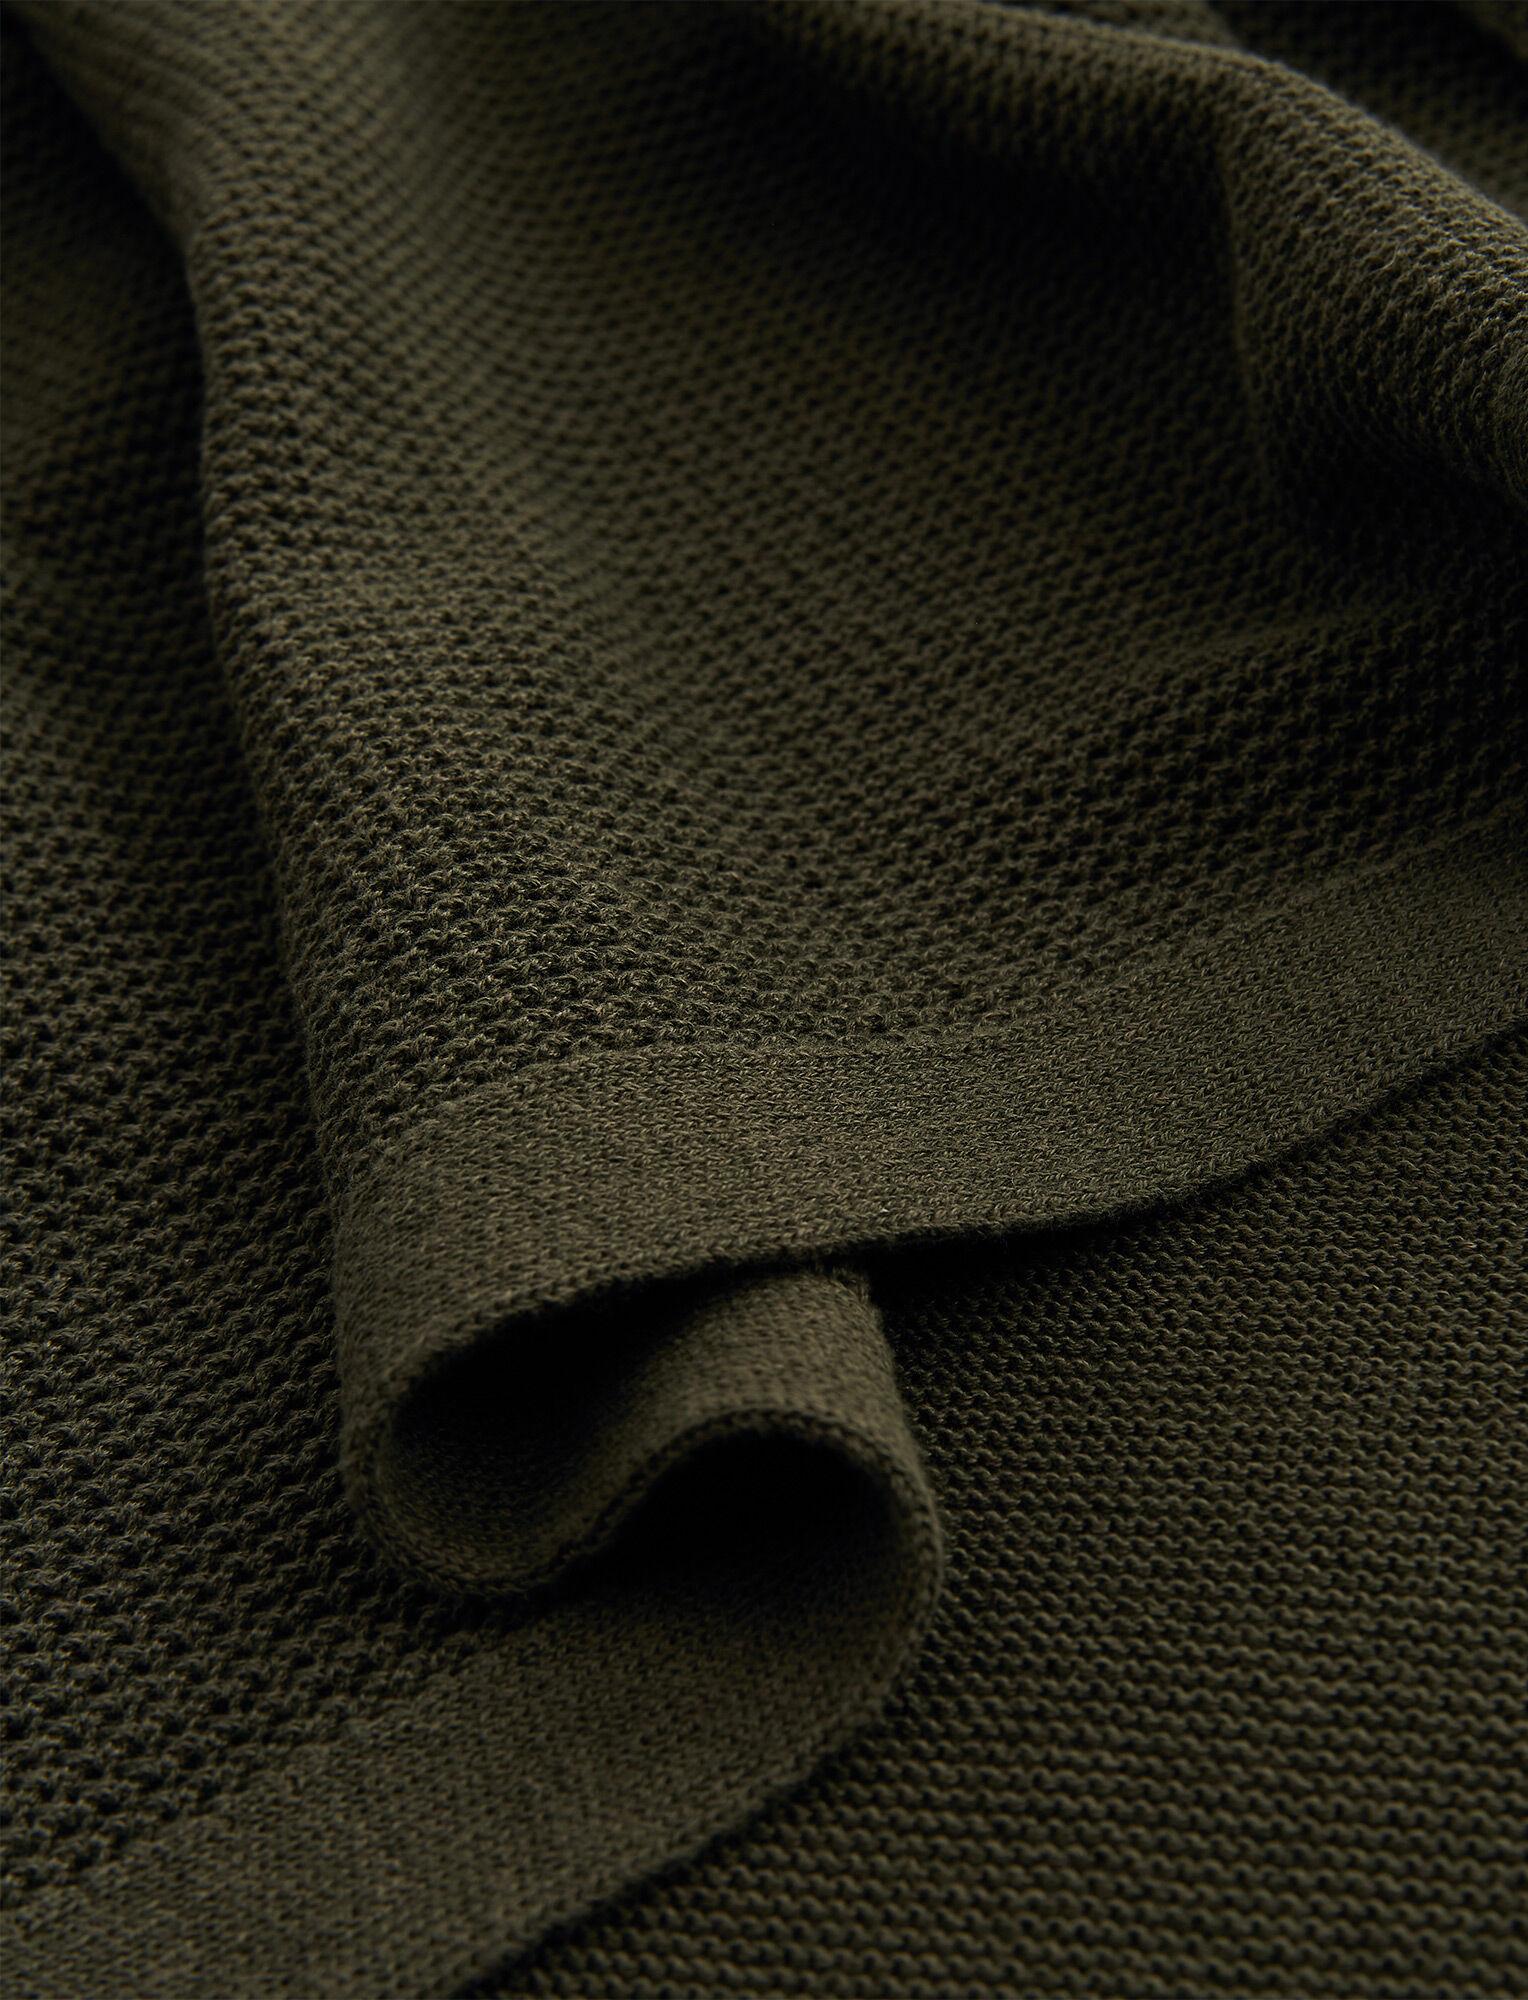 Joseph, Écharpe paréo en coton crispy, in ARGIL